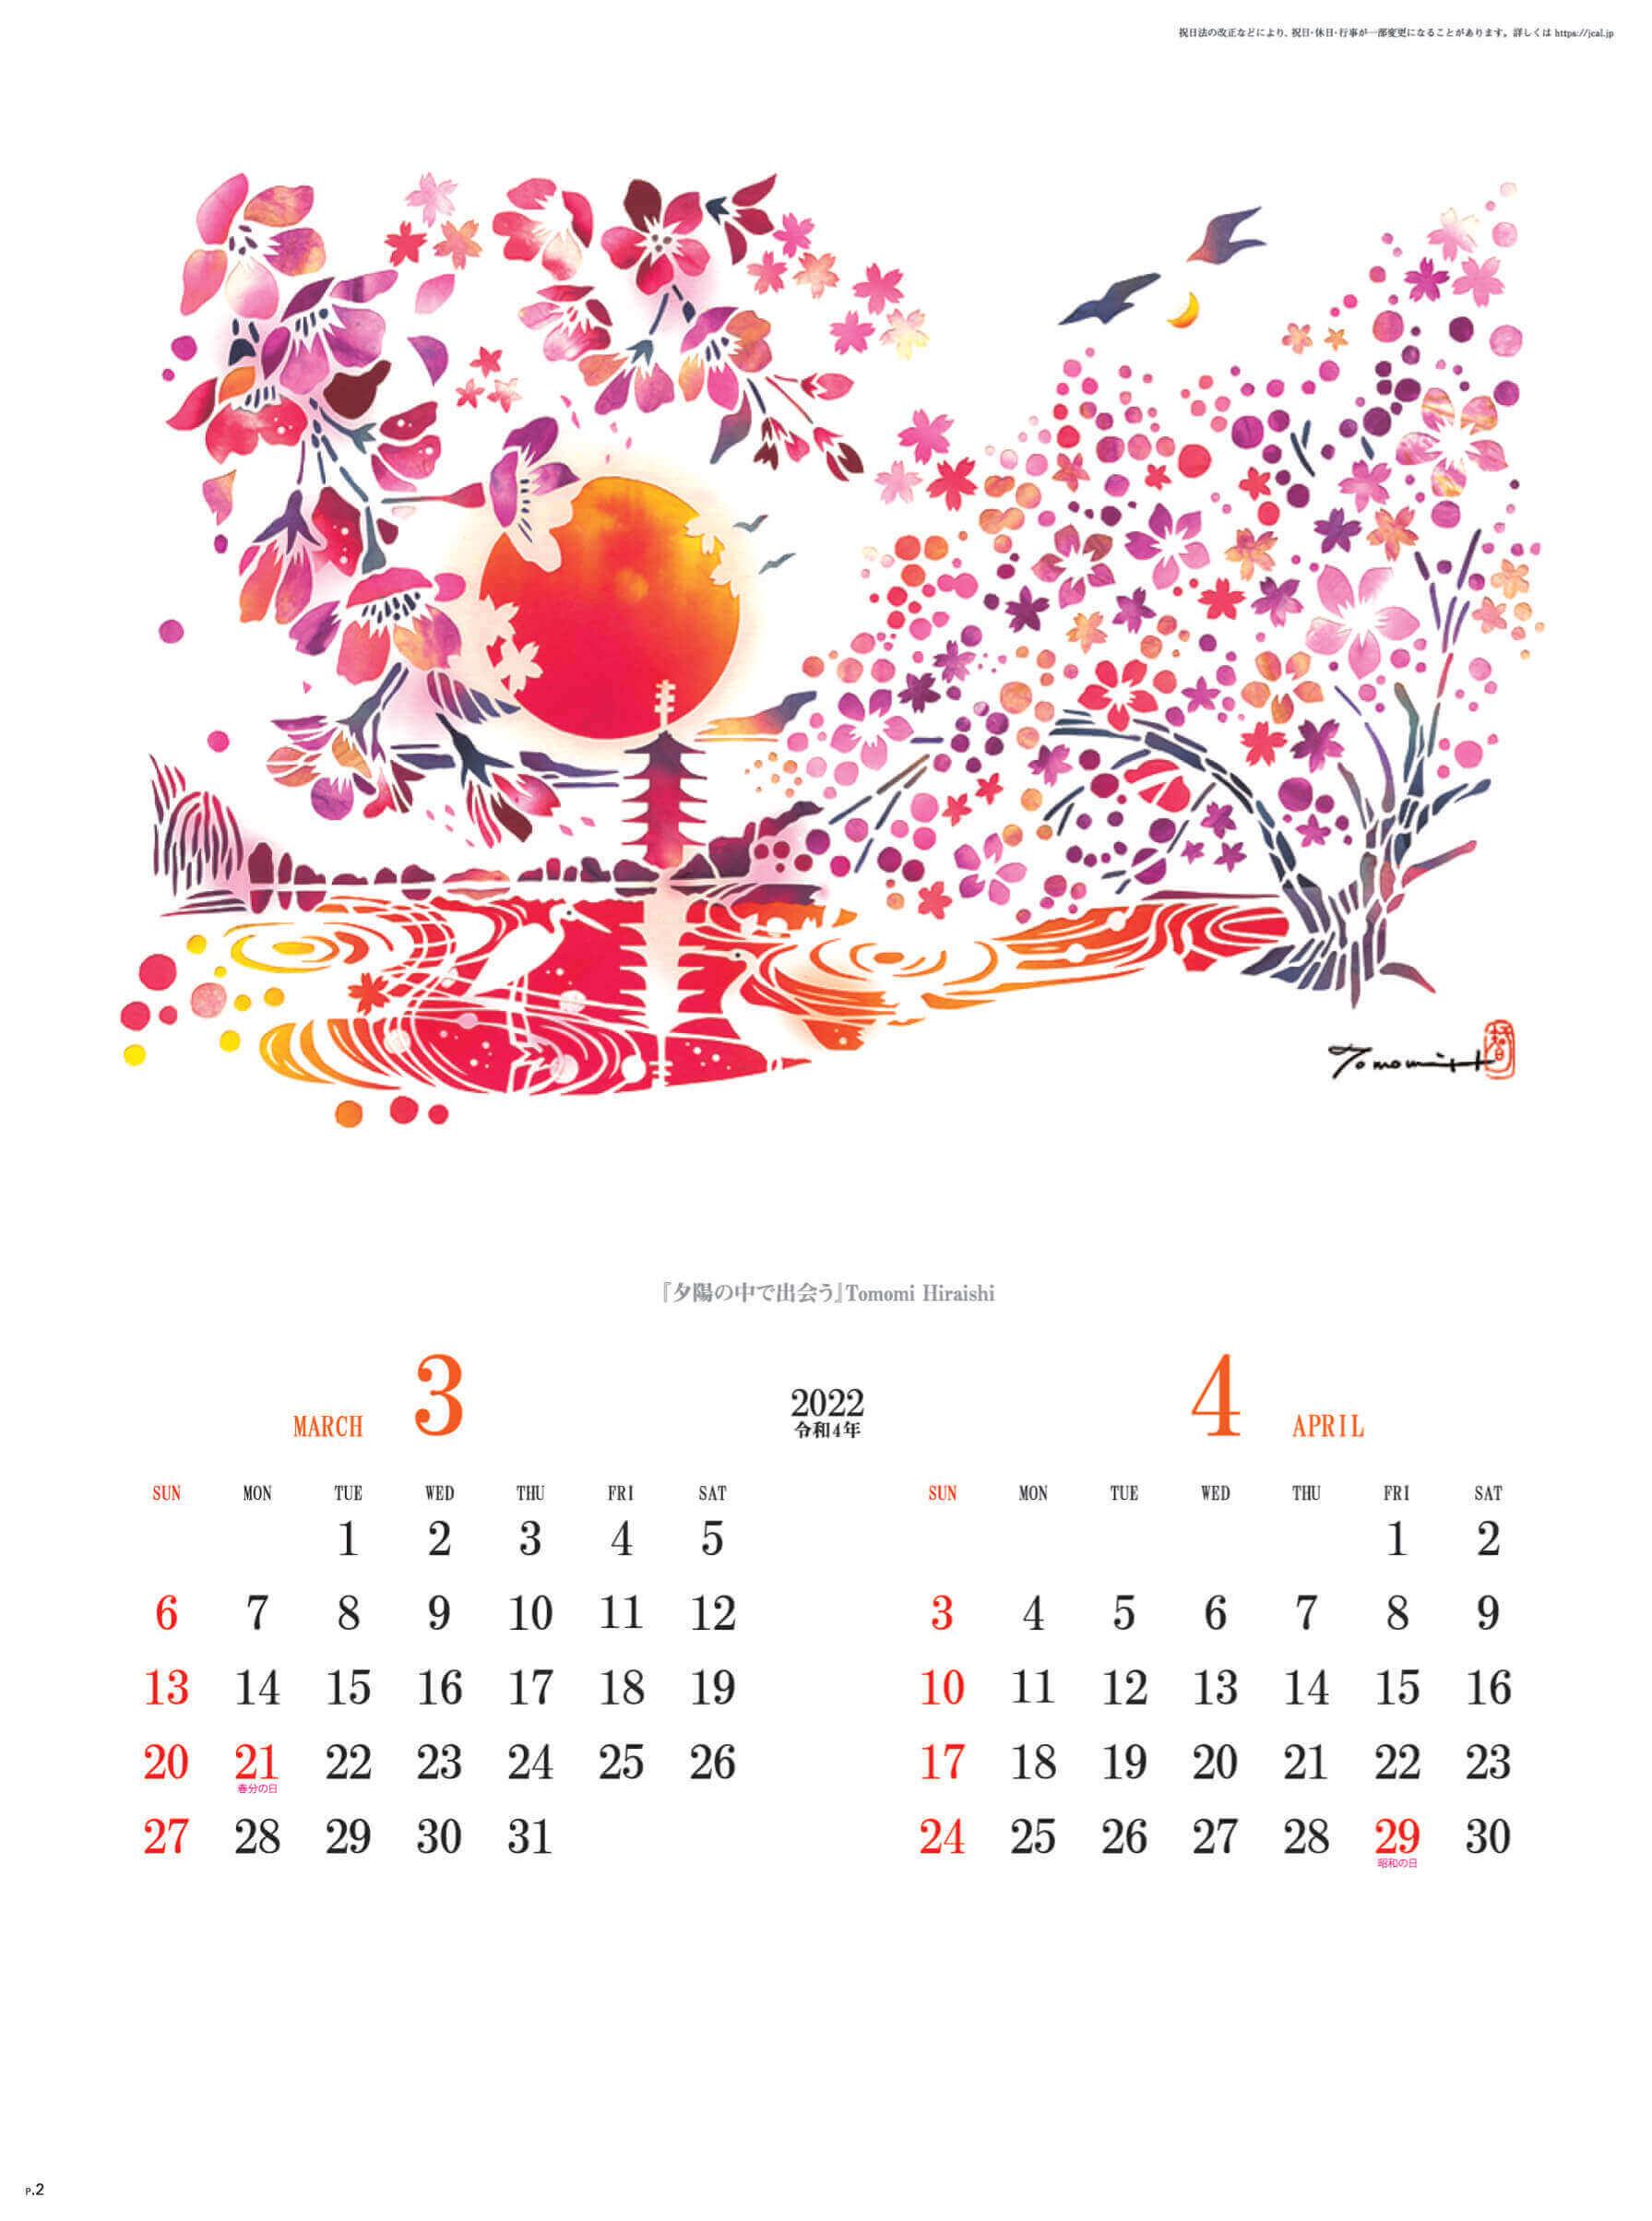 3-4月 夕陽の中で出会う 切り絵の世界・平石智美作品集 2022年カレンダーの画像